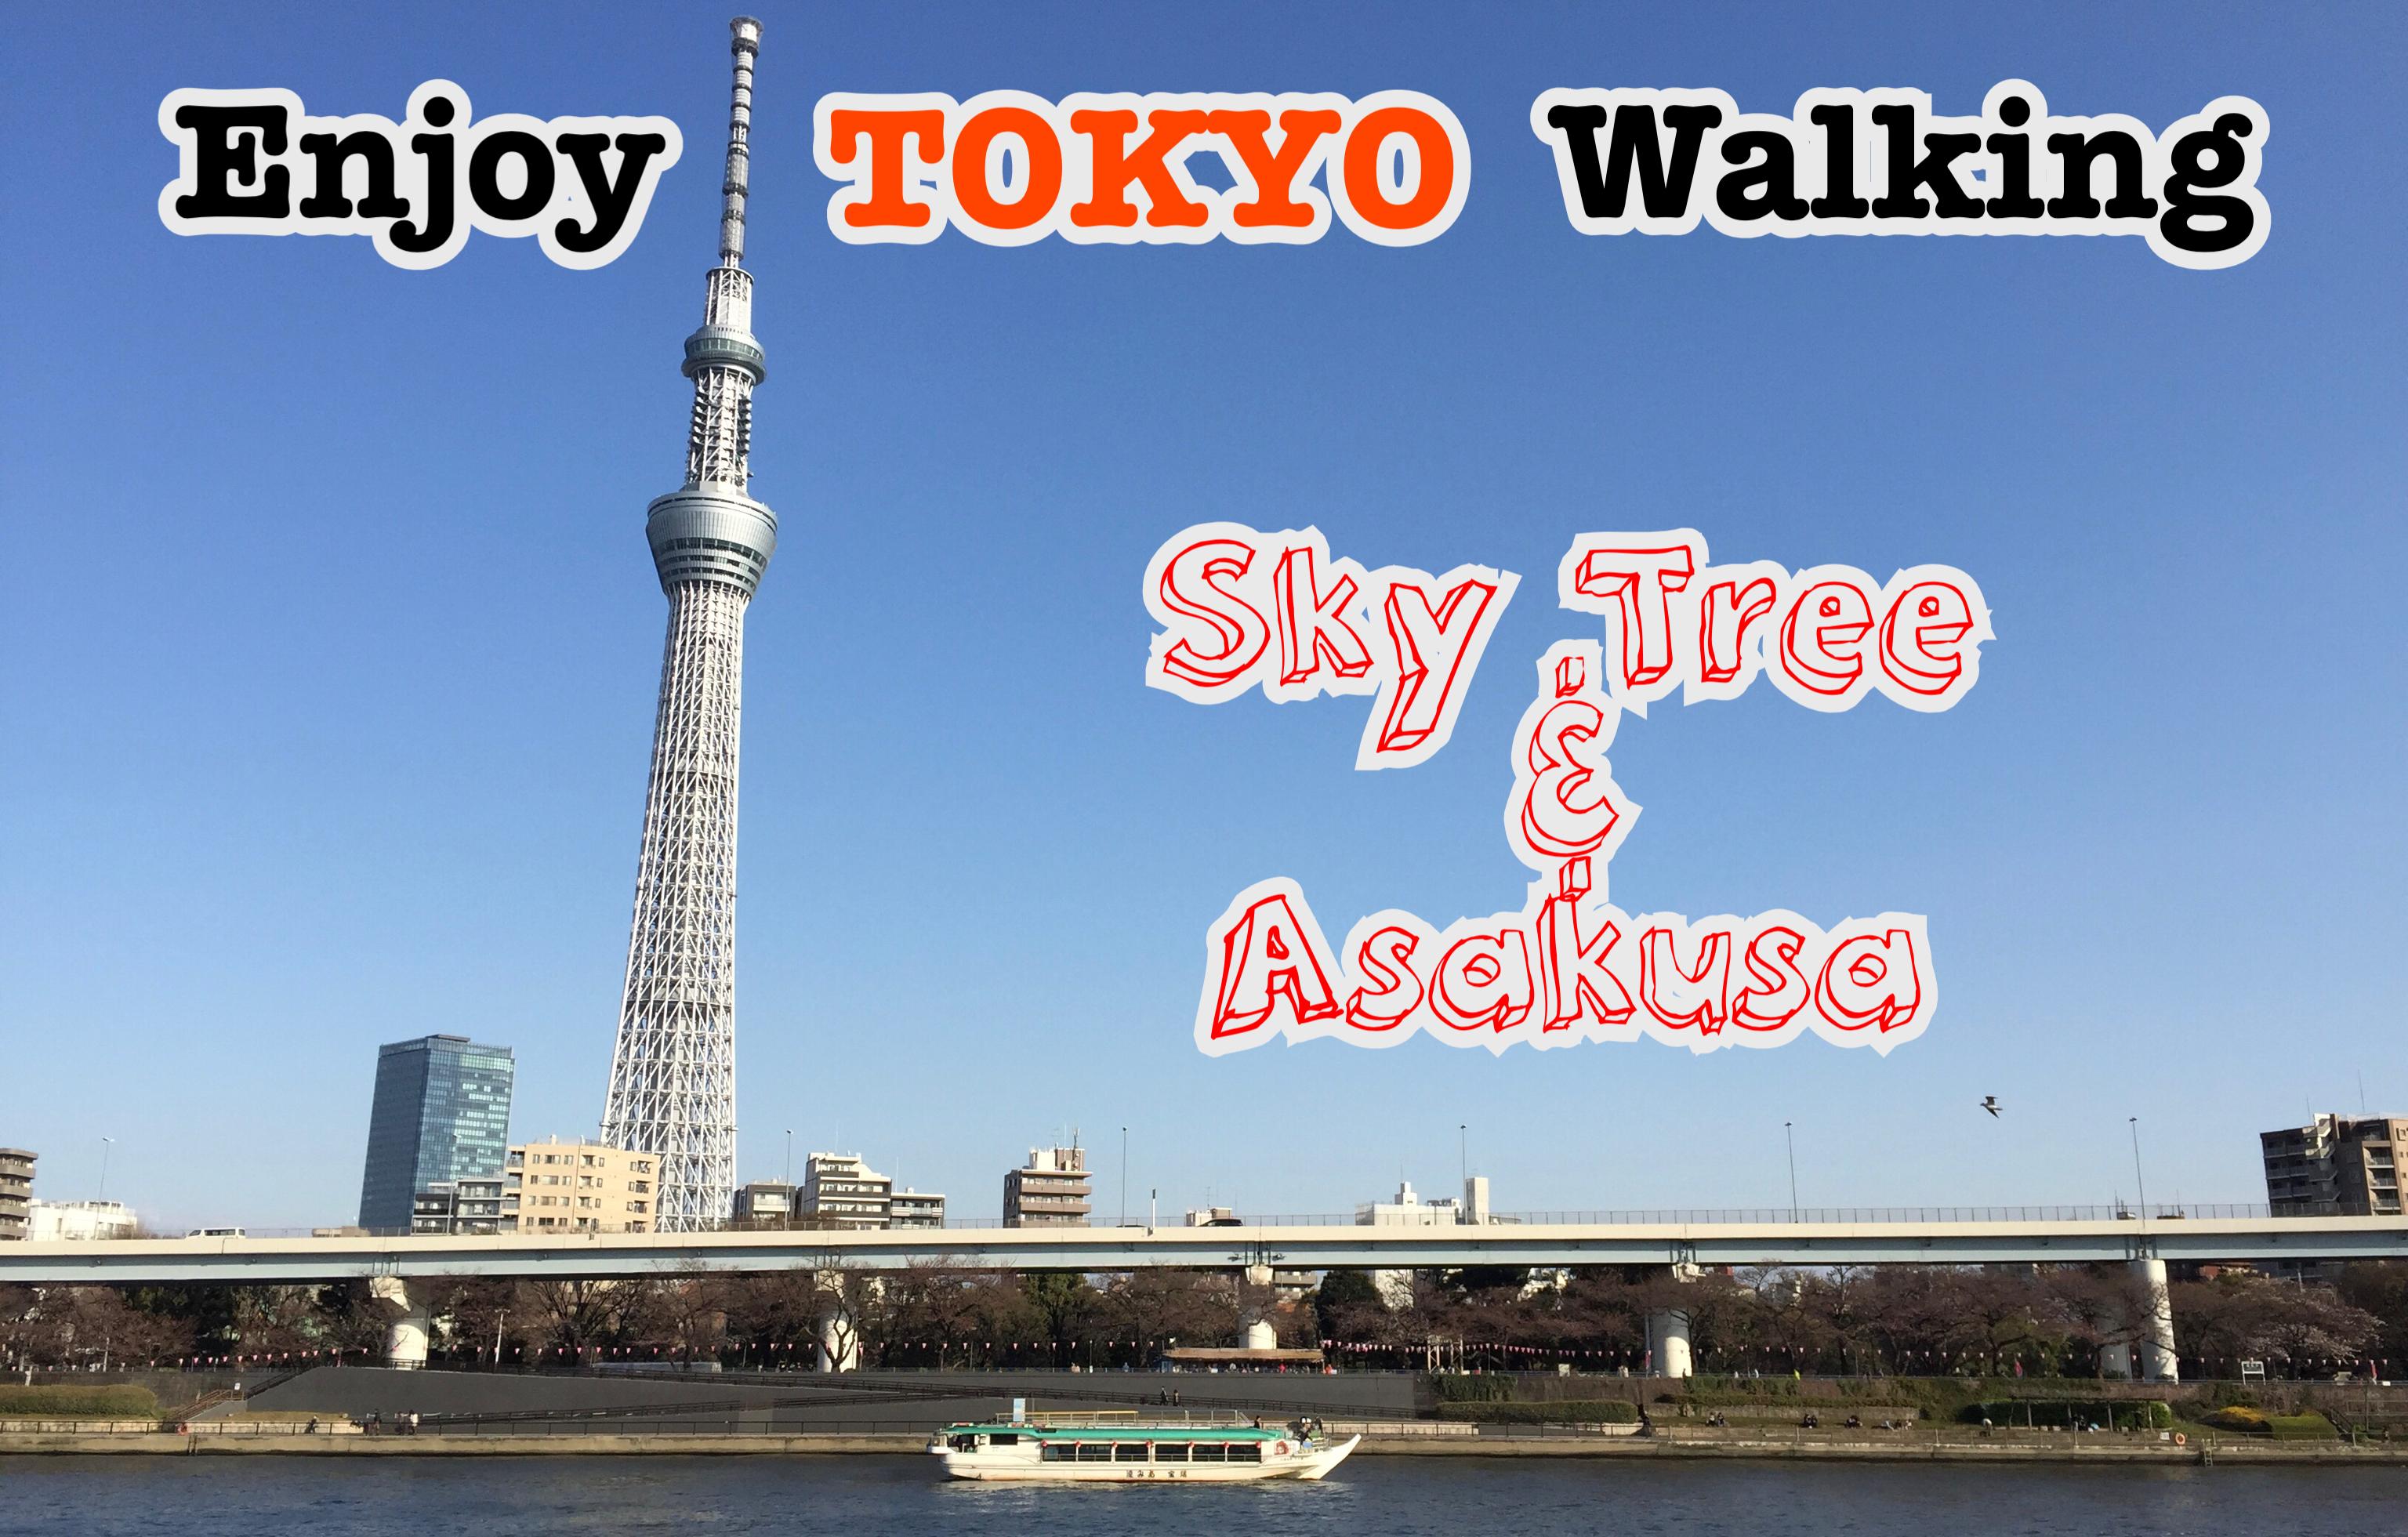 ENJOY TOKYO WALKING ~ASAKUSA & SKYTREE~